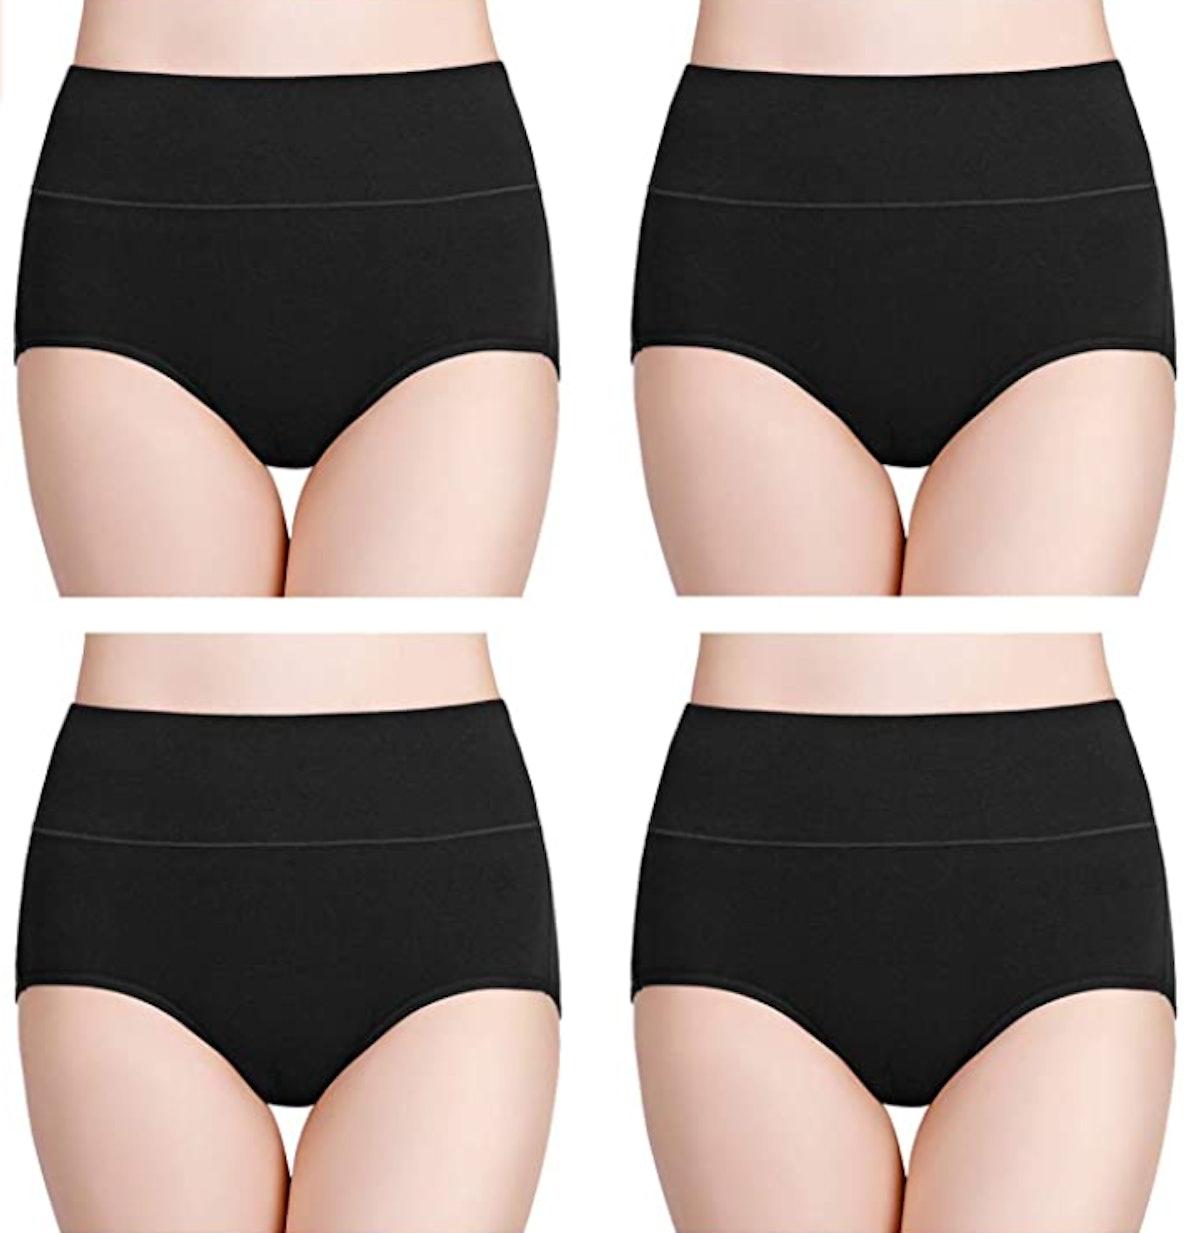 wirarpa Women's Underwear